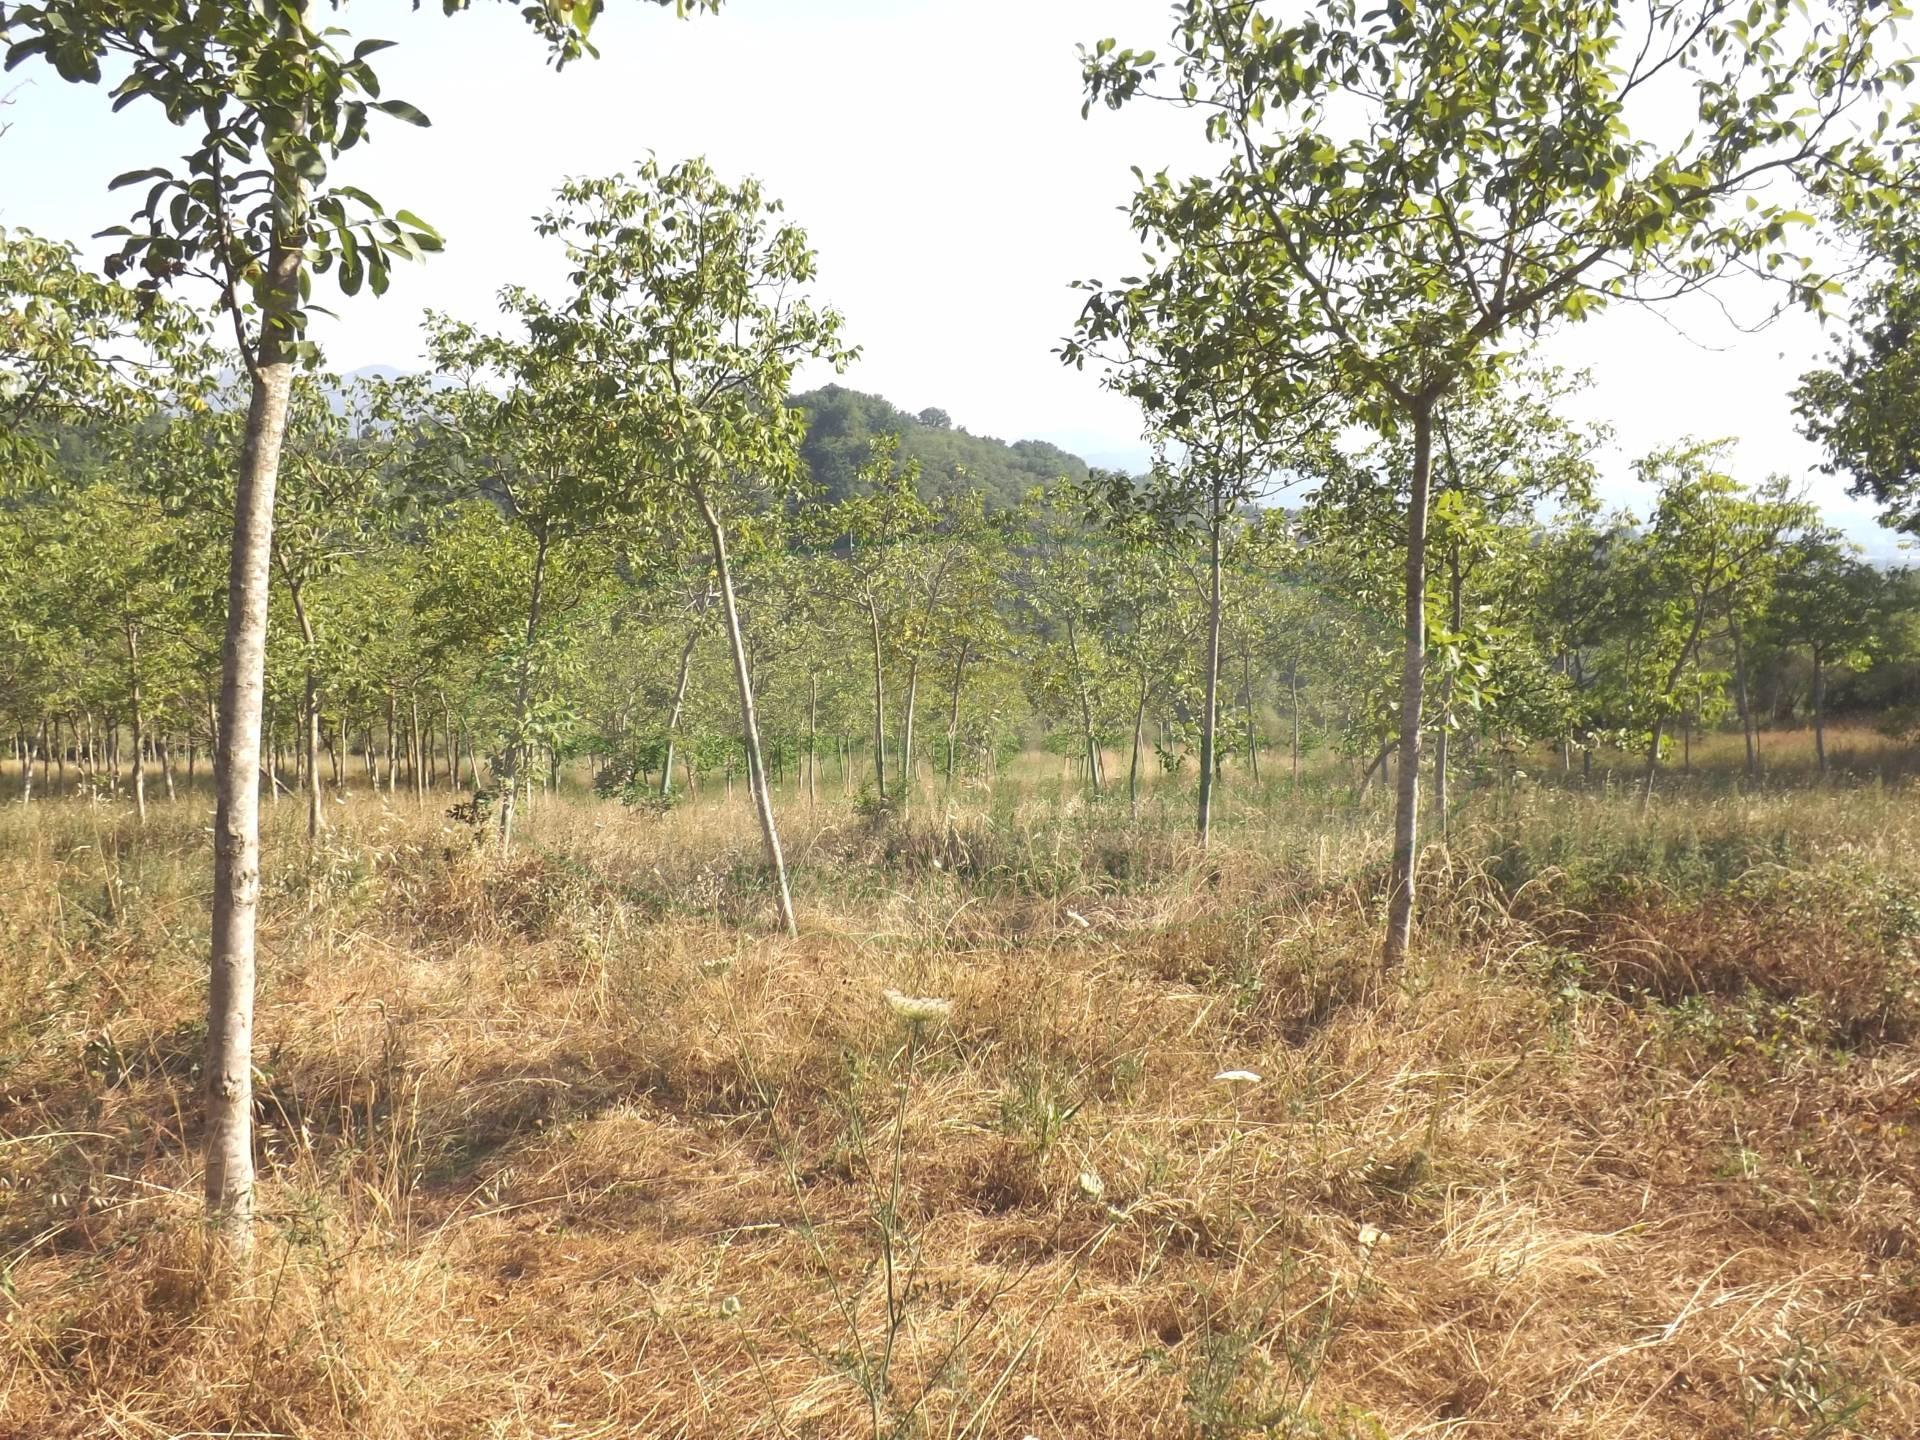 Terreno Agricolo in vendita a Santo Stefano del Sole, 9999 locali, prezzo € 160.000 | CambioCasa.it